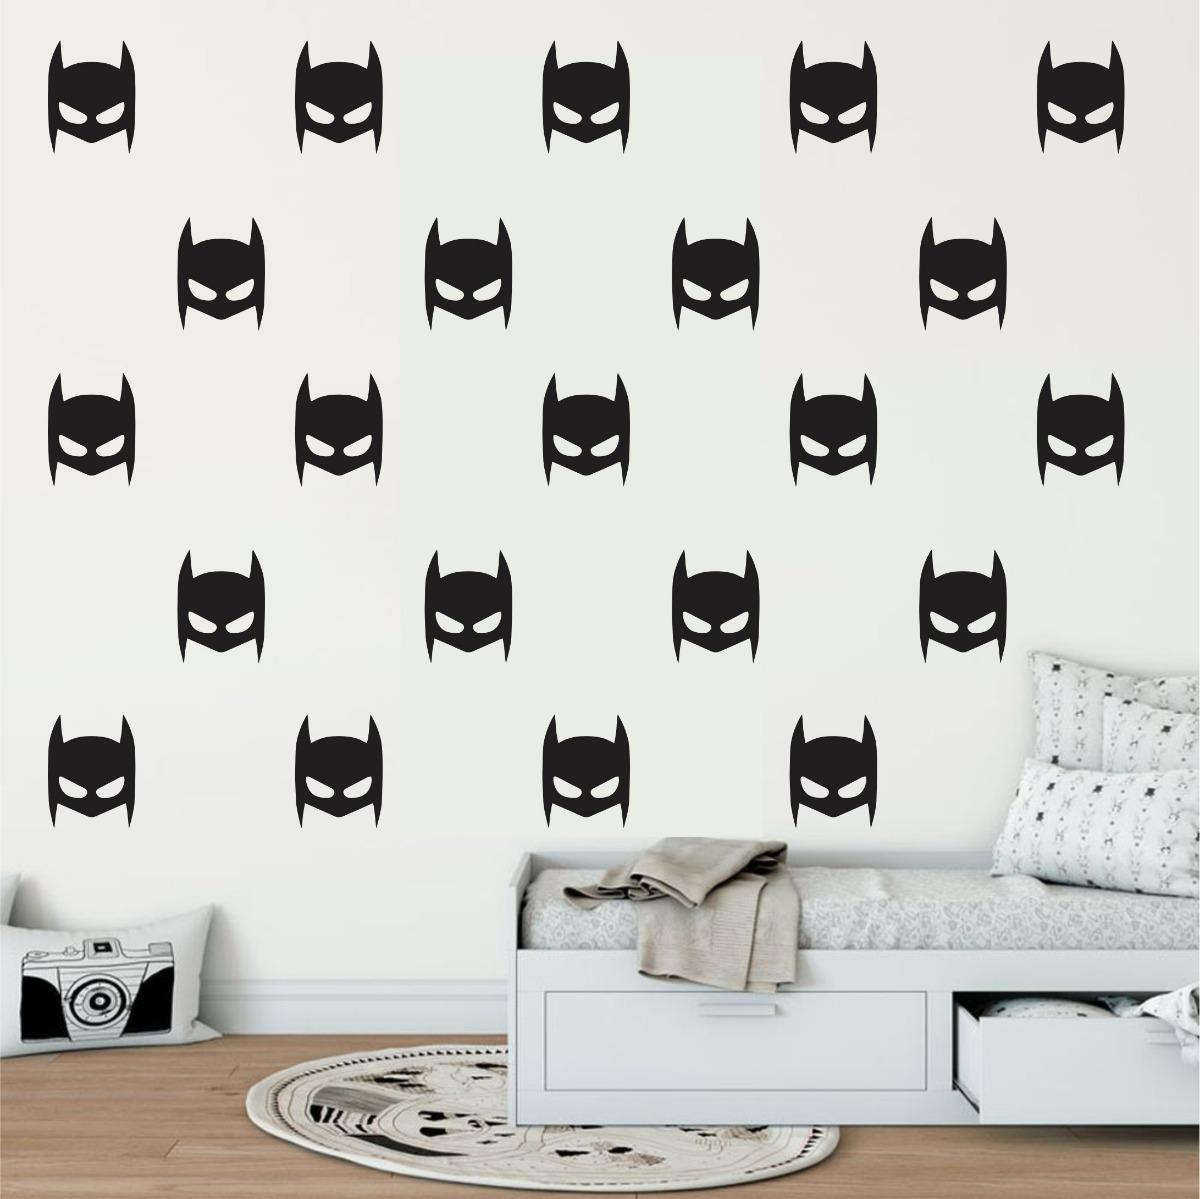 9abfa98c017ba7 Adesivo Parede Quarto Infantil Heroi Kit Batman Máscara